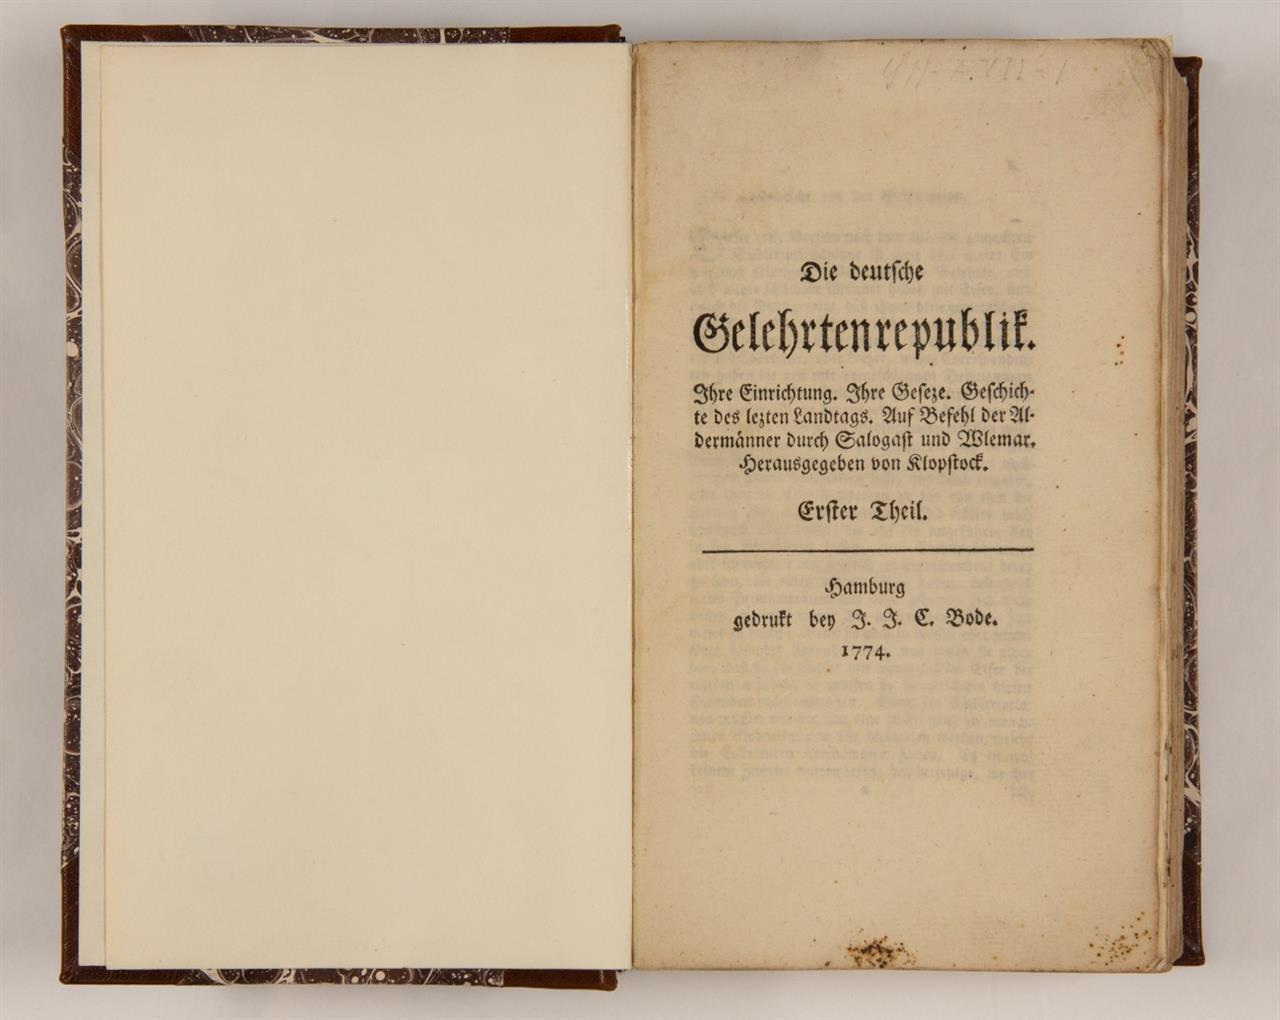 F. G. Klopstock, Die deutsche Gelehrtenrepublik. Bd. 1 (alles). Hamburg 1774.